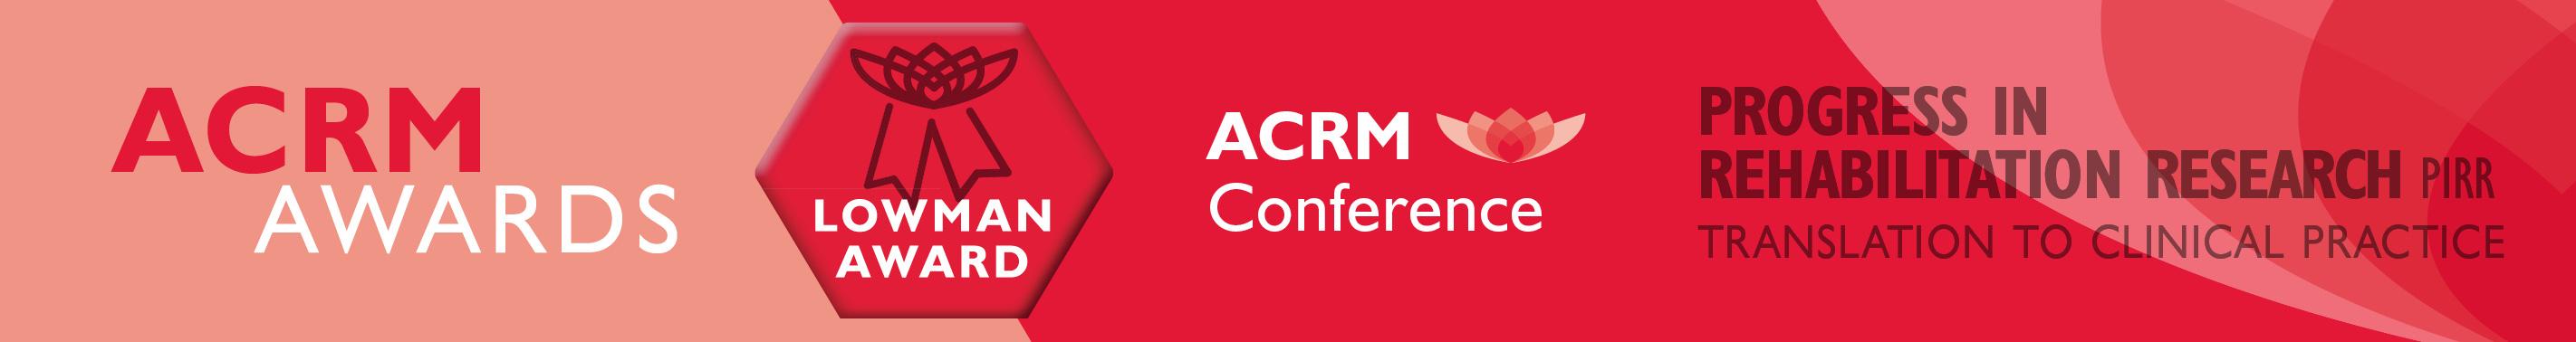 Edward Lowman Award ACRM Award